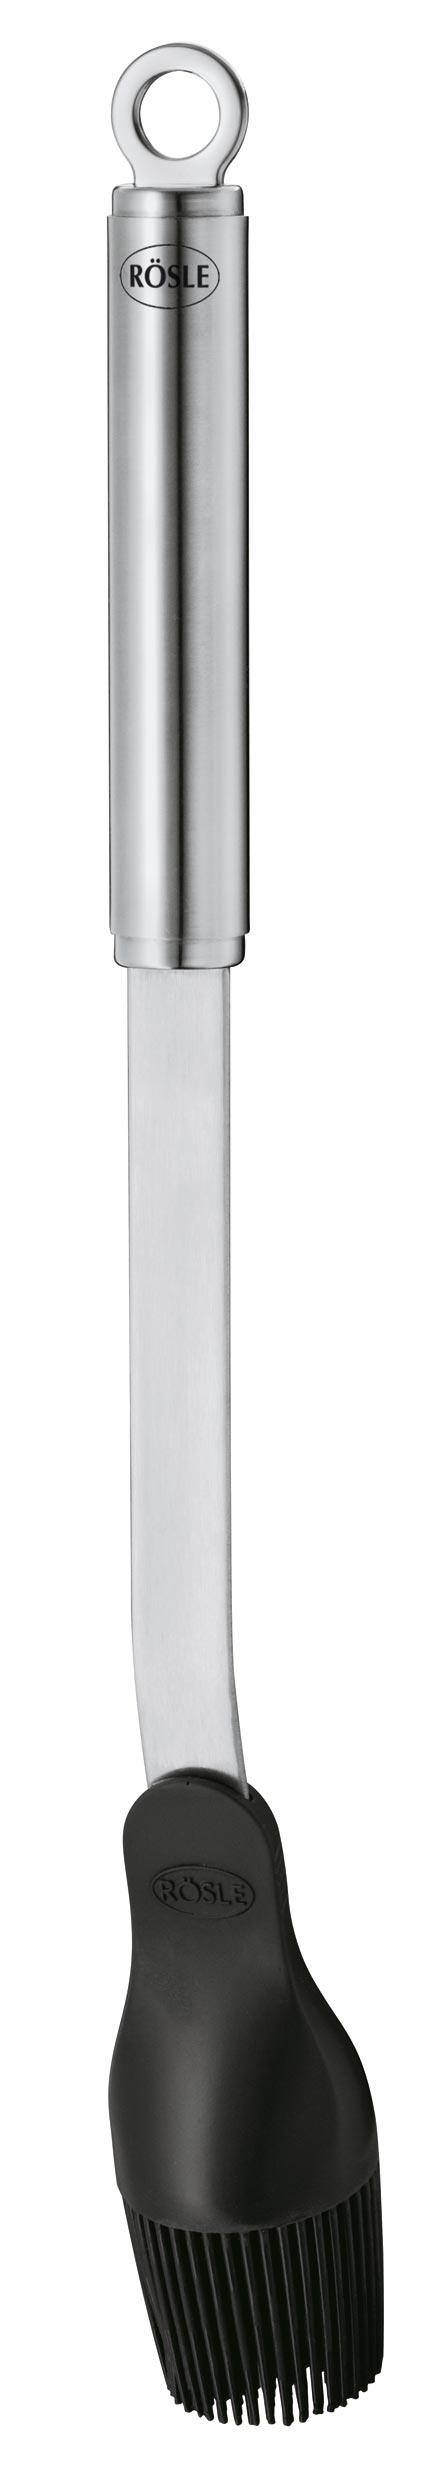 Pinsel / Silikonpinsel Rösle Edelstahl Bild 1